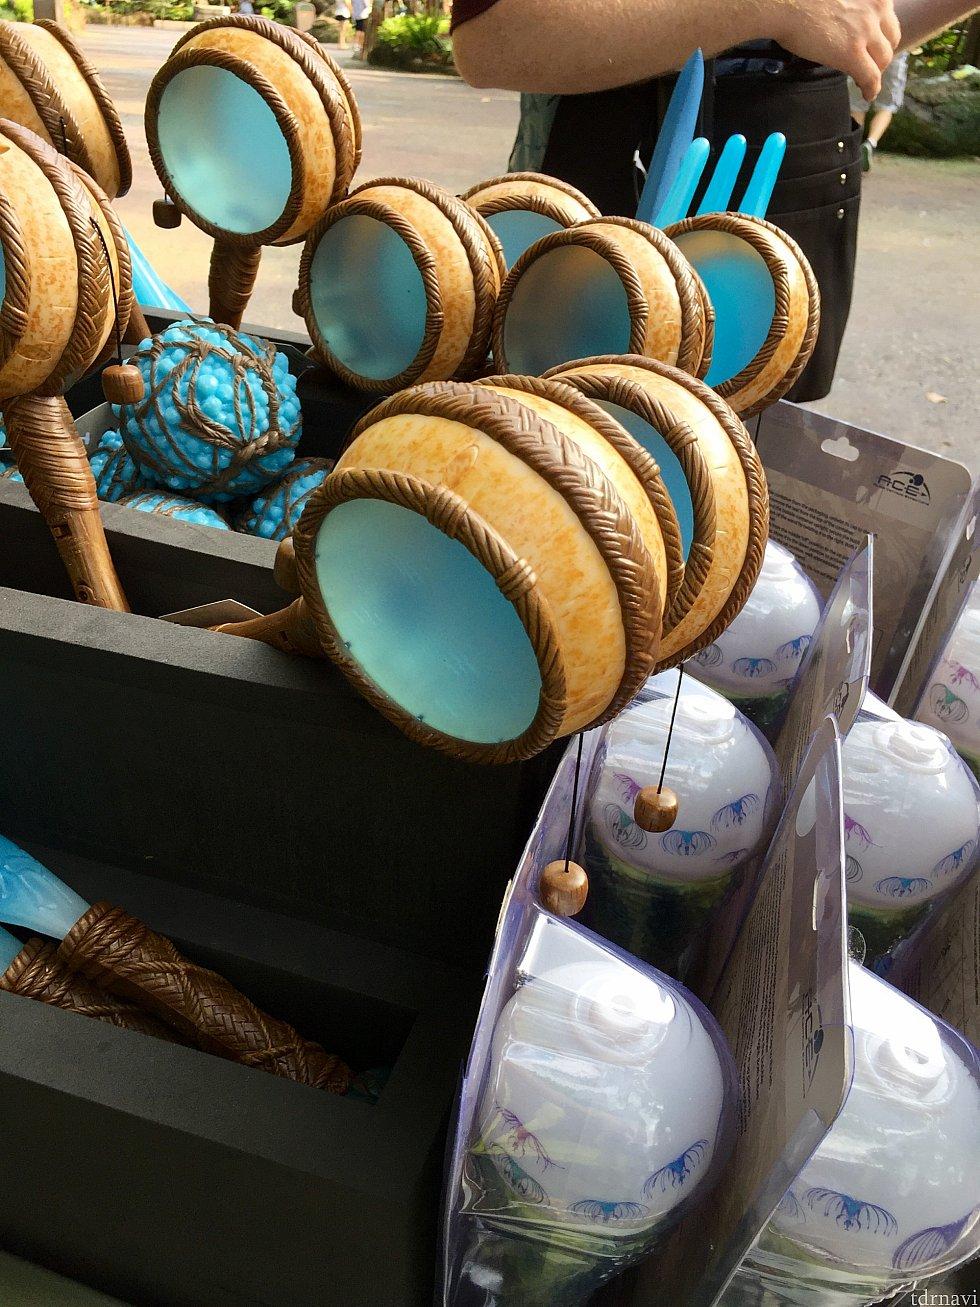 青いデンデン太鼓。綺麗な色ですね。右下の白いモノは、アメリカの子供達に大人気のシャボン玉マシン。もういい!って言うくらいにシャボン玉を発生させます。(笑)